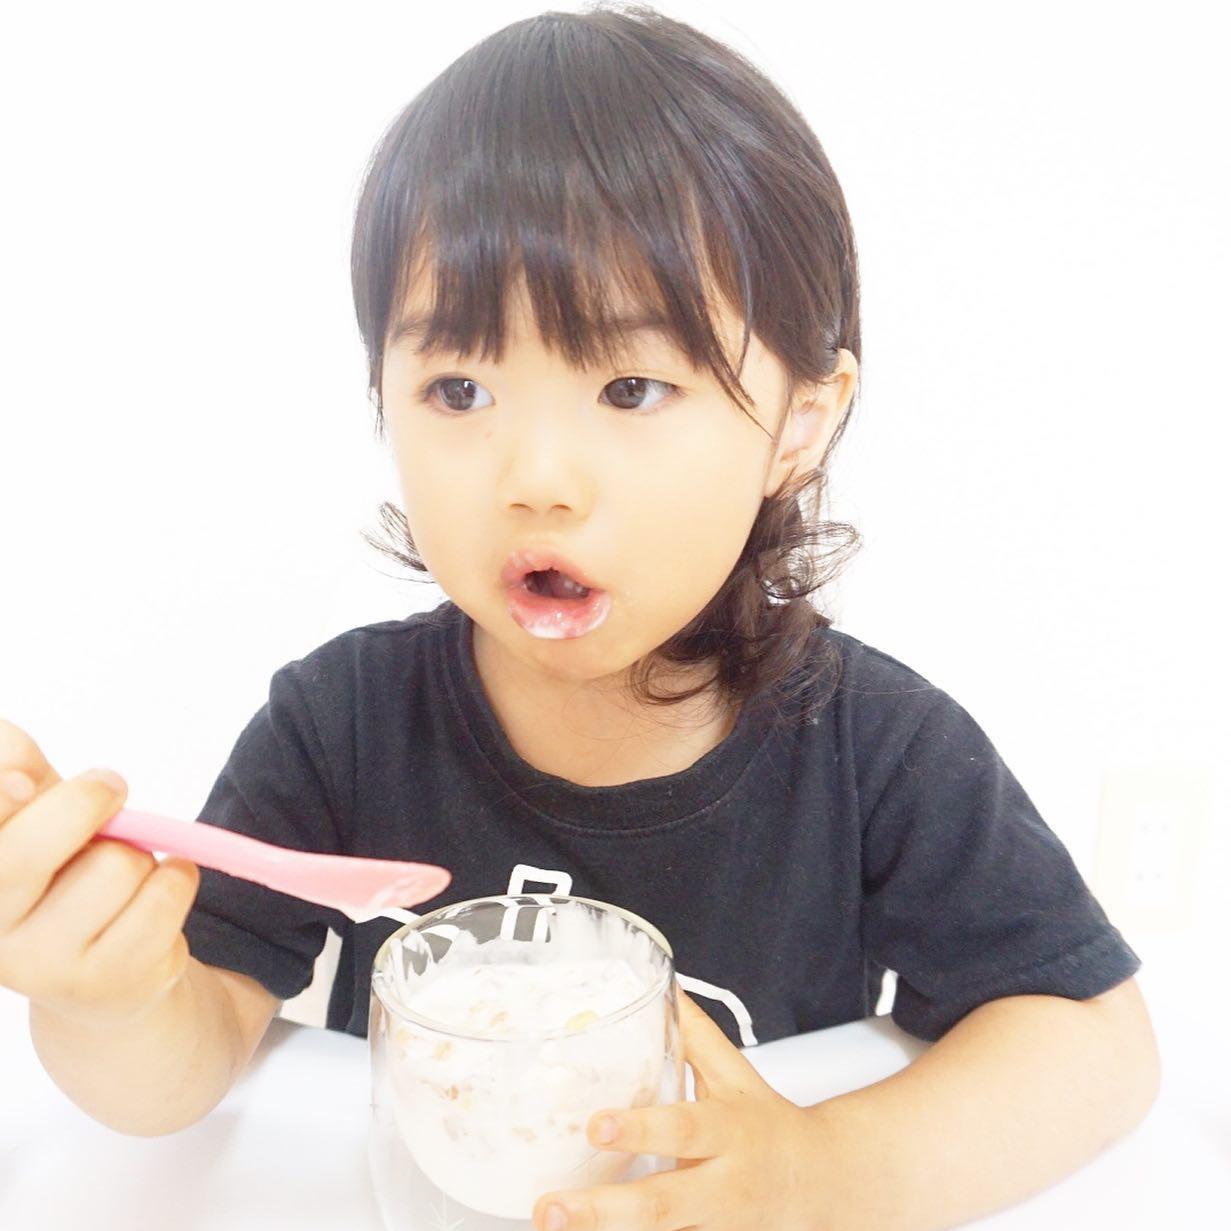 口コミ投稿:ゆあの爆食いシリーズ🤗💓..今日は牛乳で作ったホームメイドヨーグルト&フルグラだよ❣…